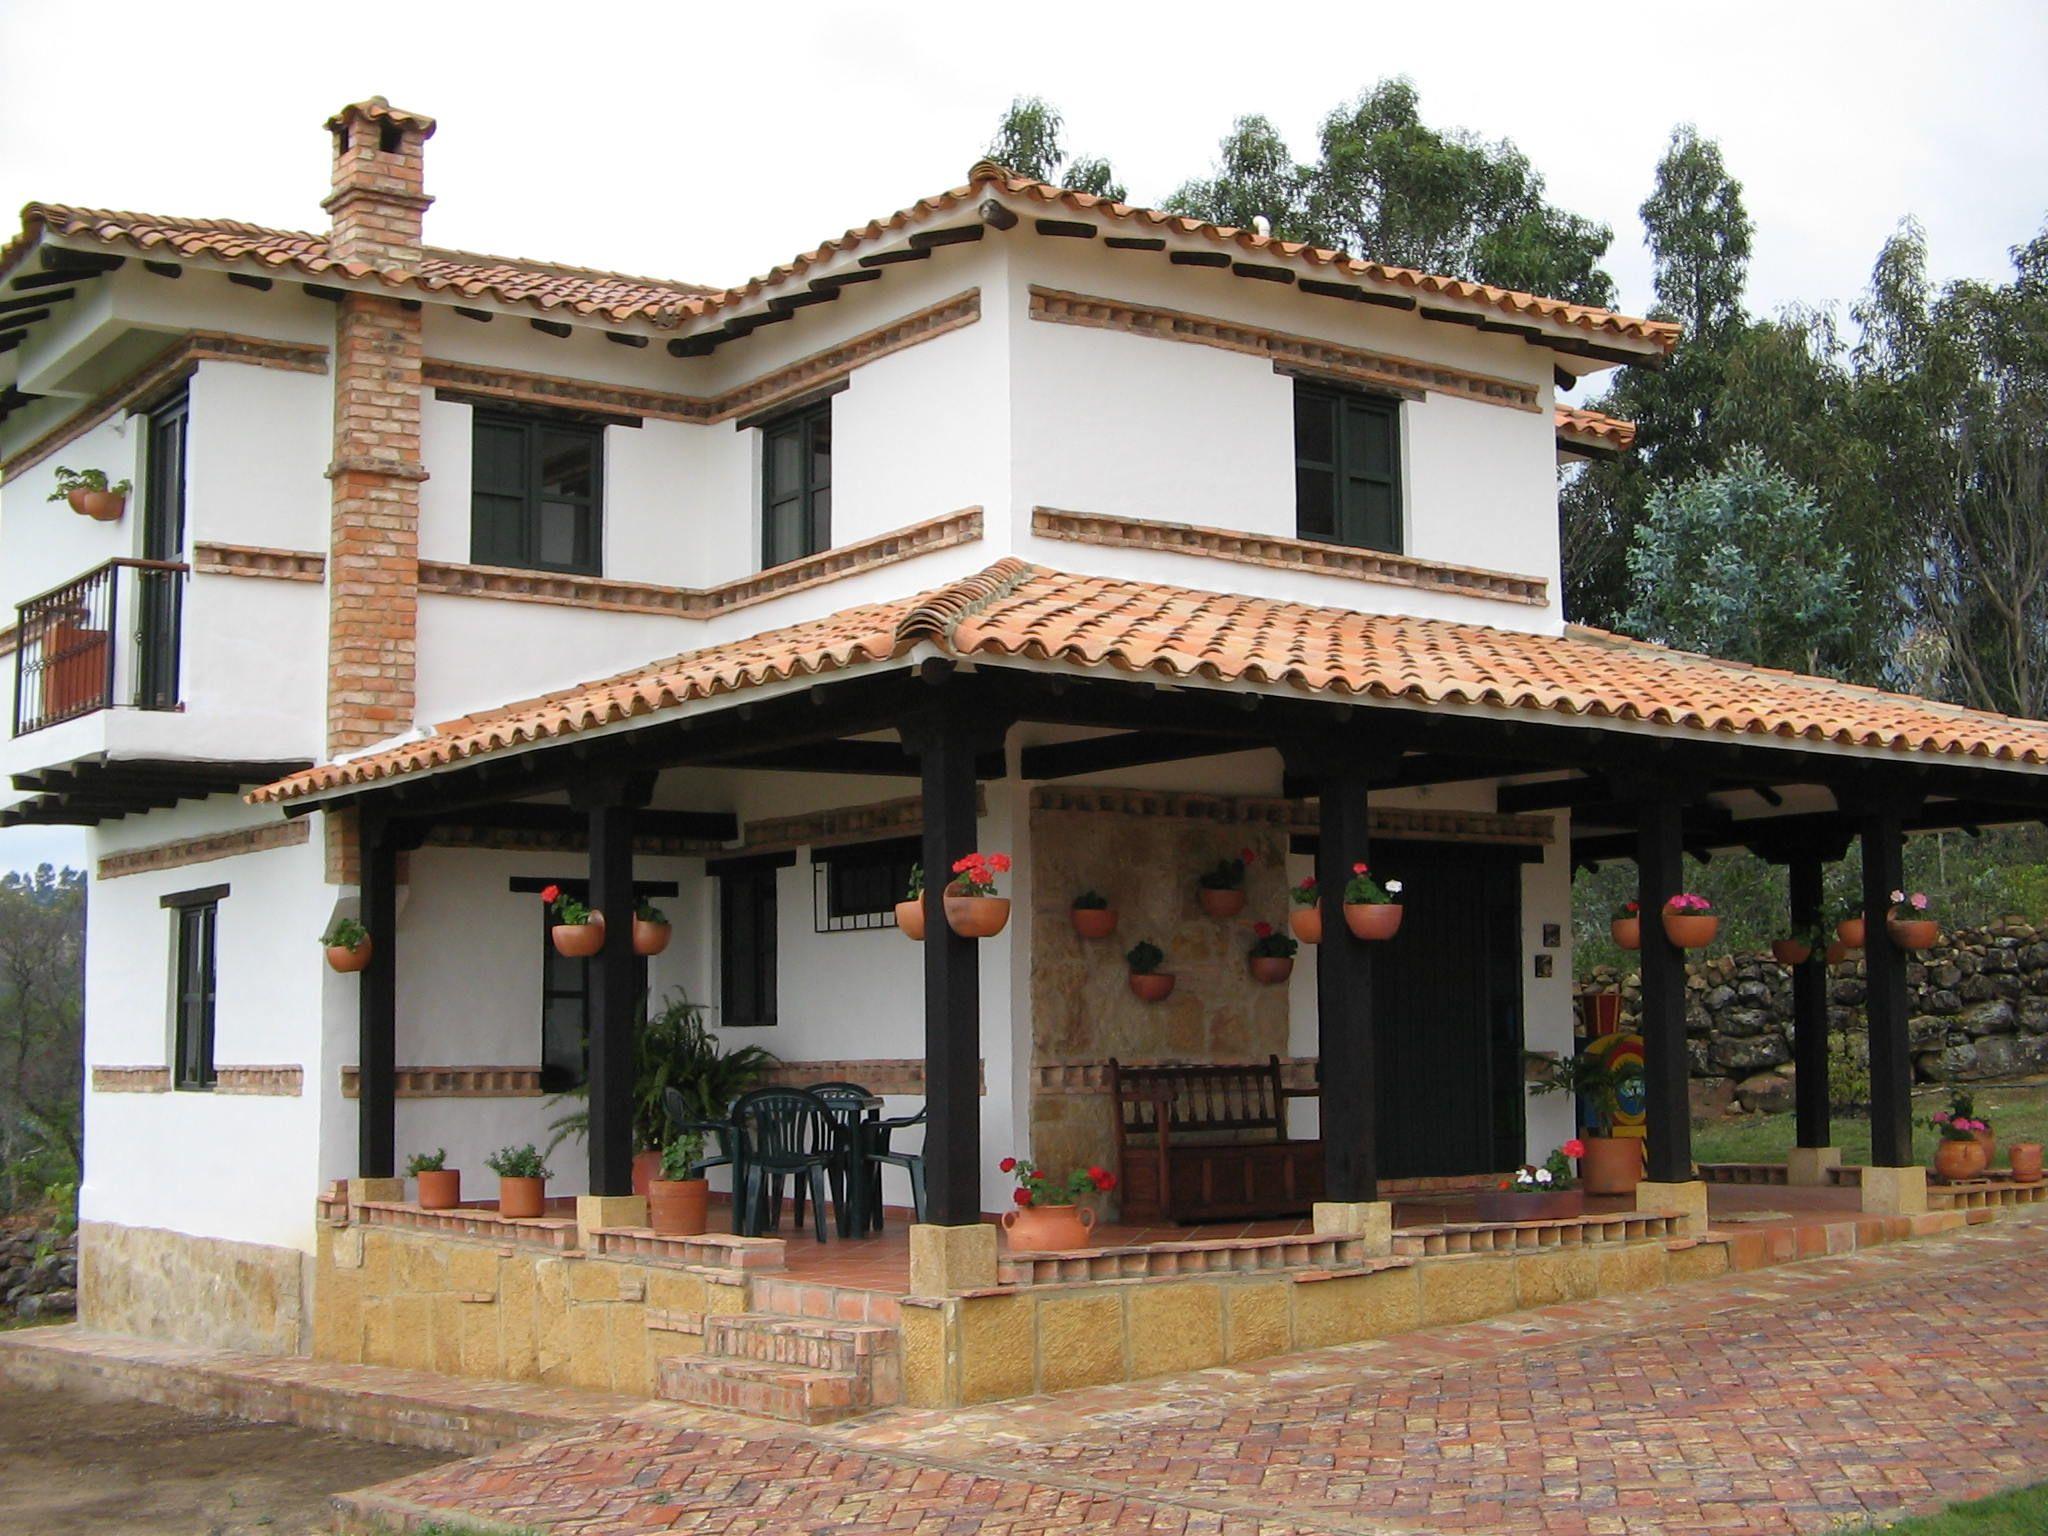 Modelos de casas llaneras buscar con google agro 2015 for Modelo de casa con terraza